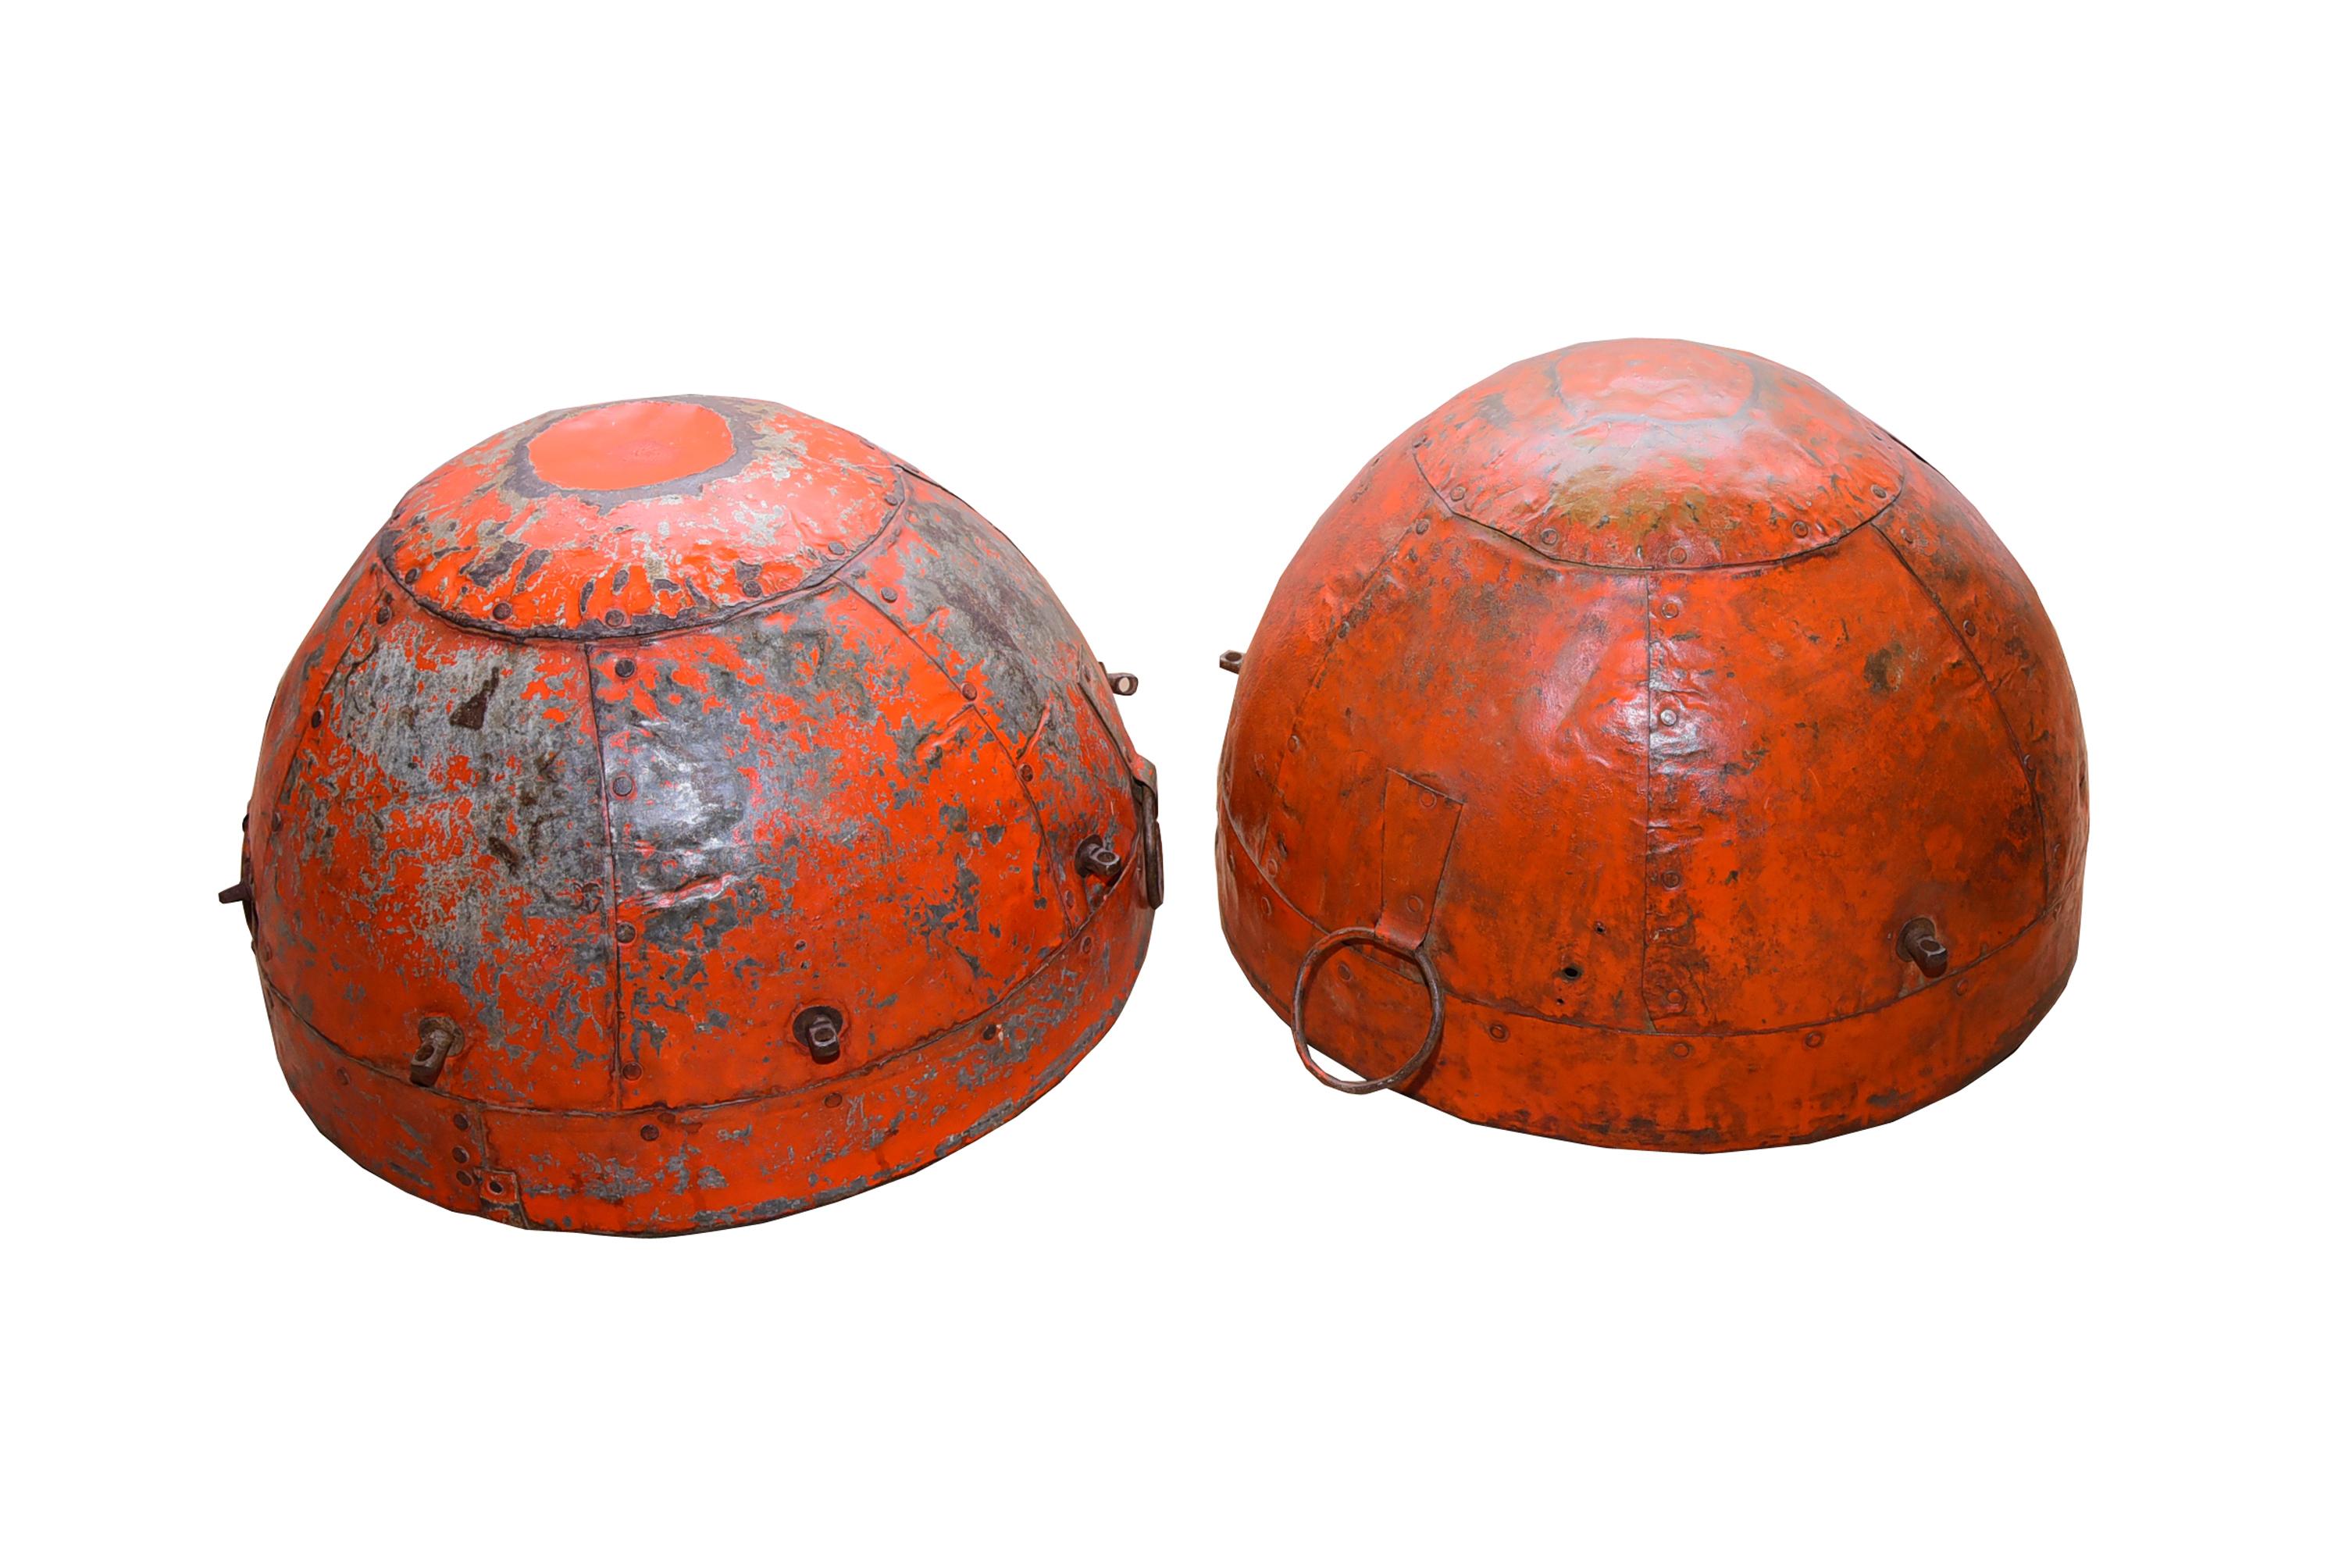 ANJO1992F - 51 x 51 x 35cm